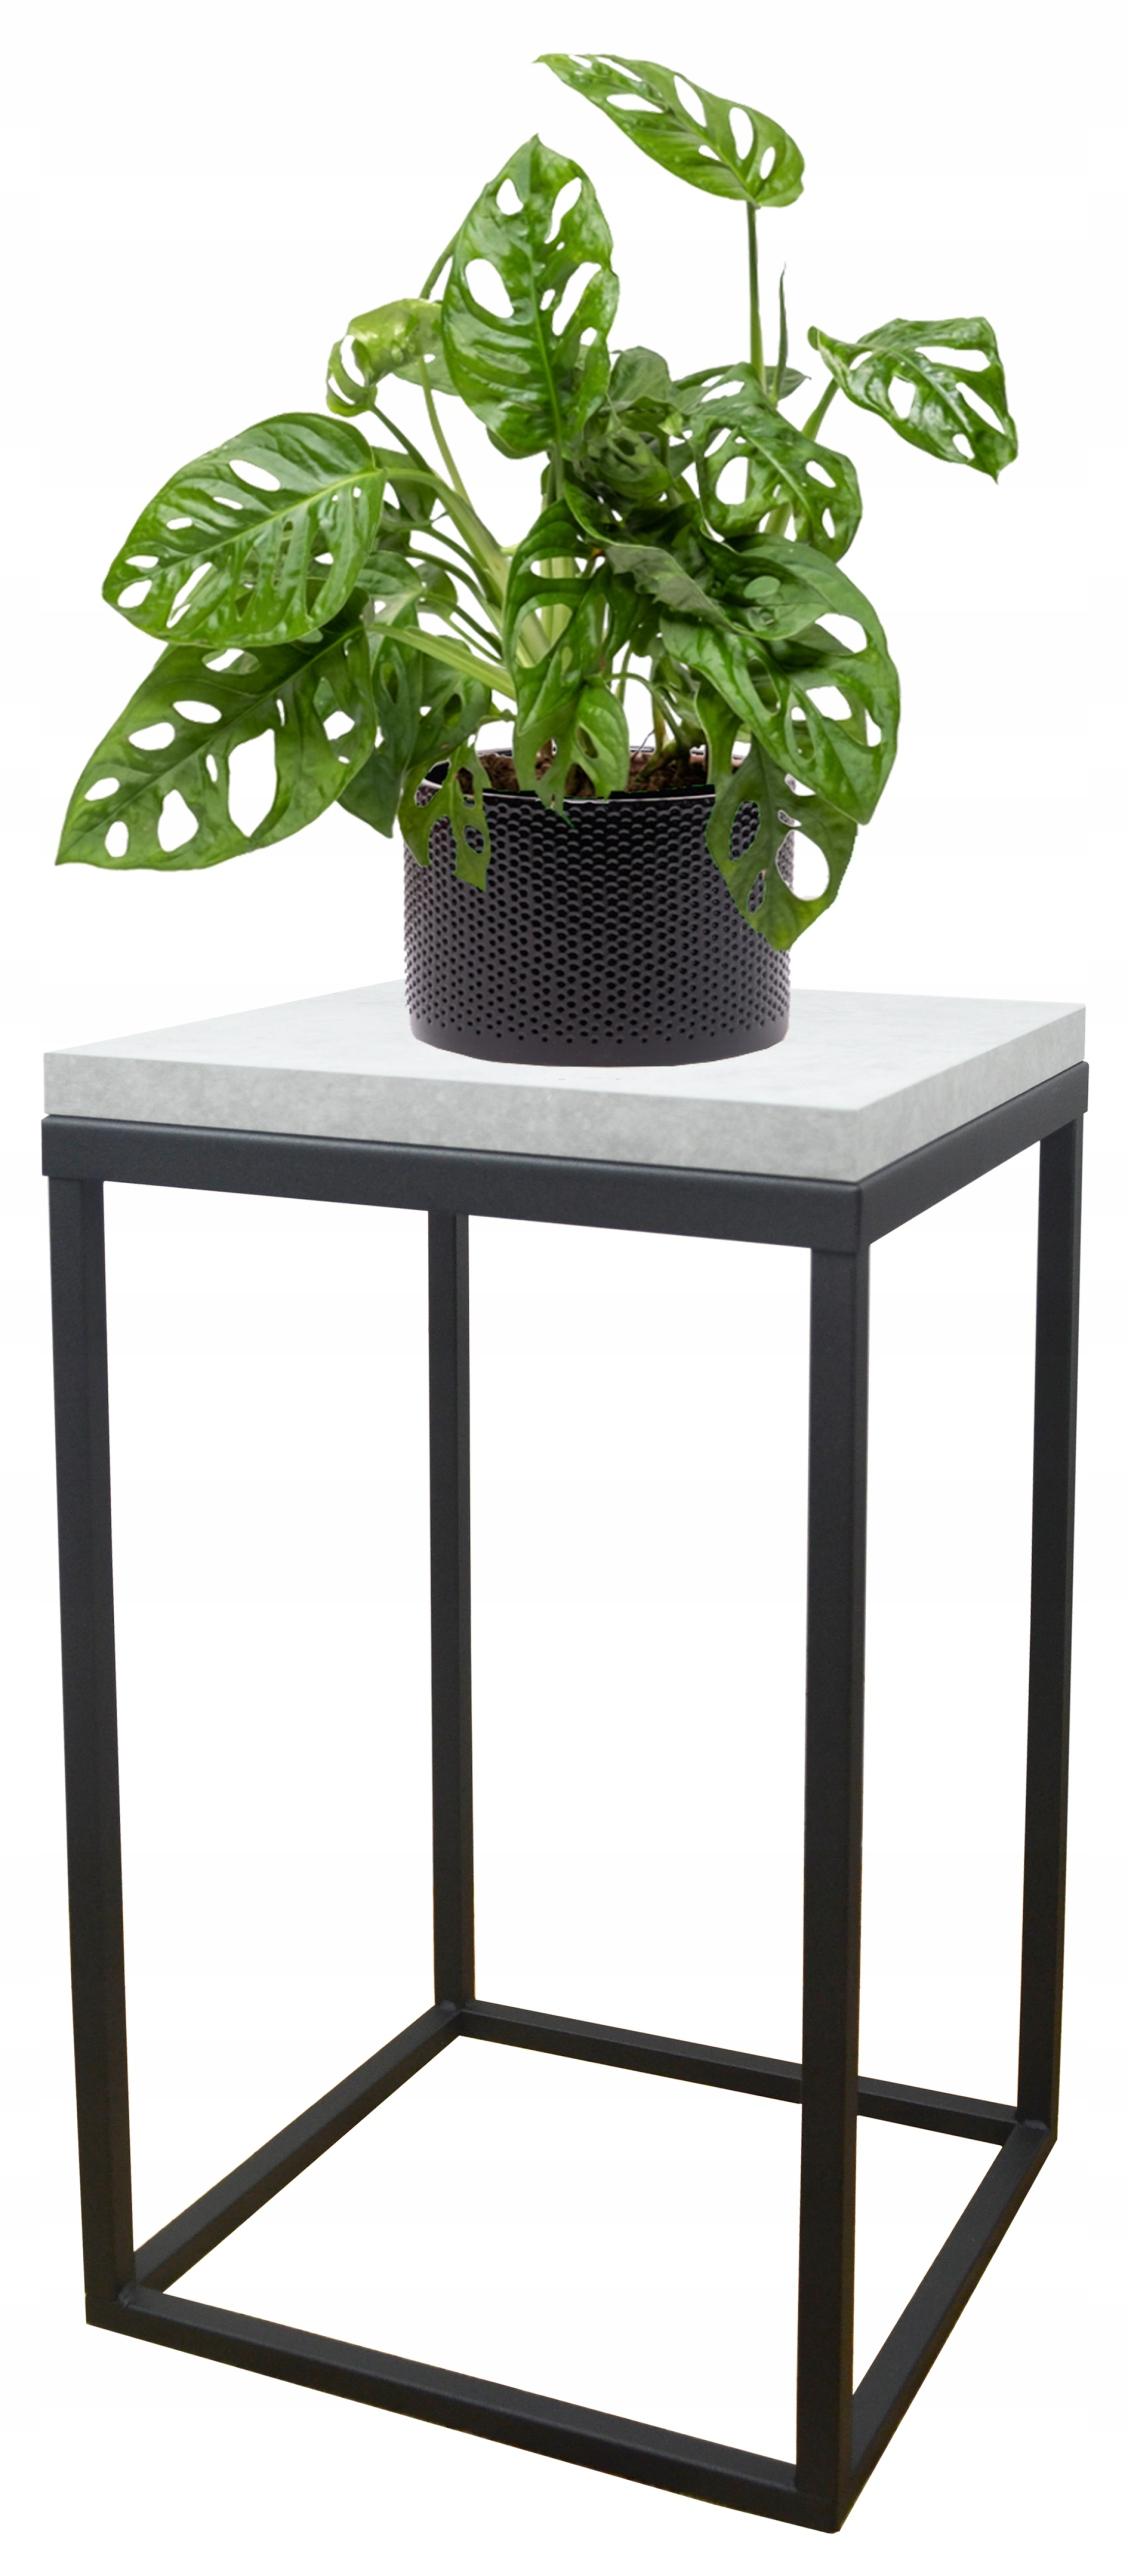 Подставка для растений металлическая loft черная столешница Bright Concrete 40см